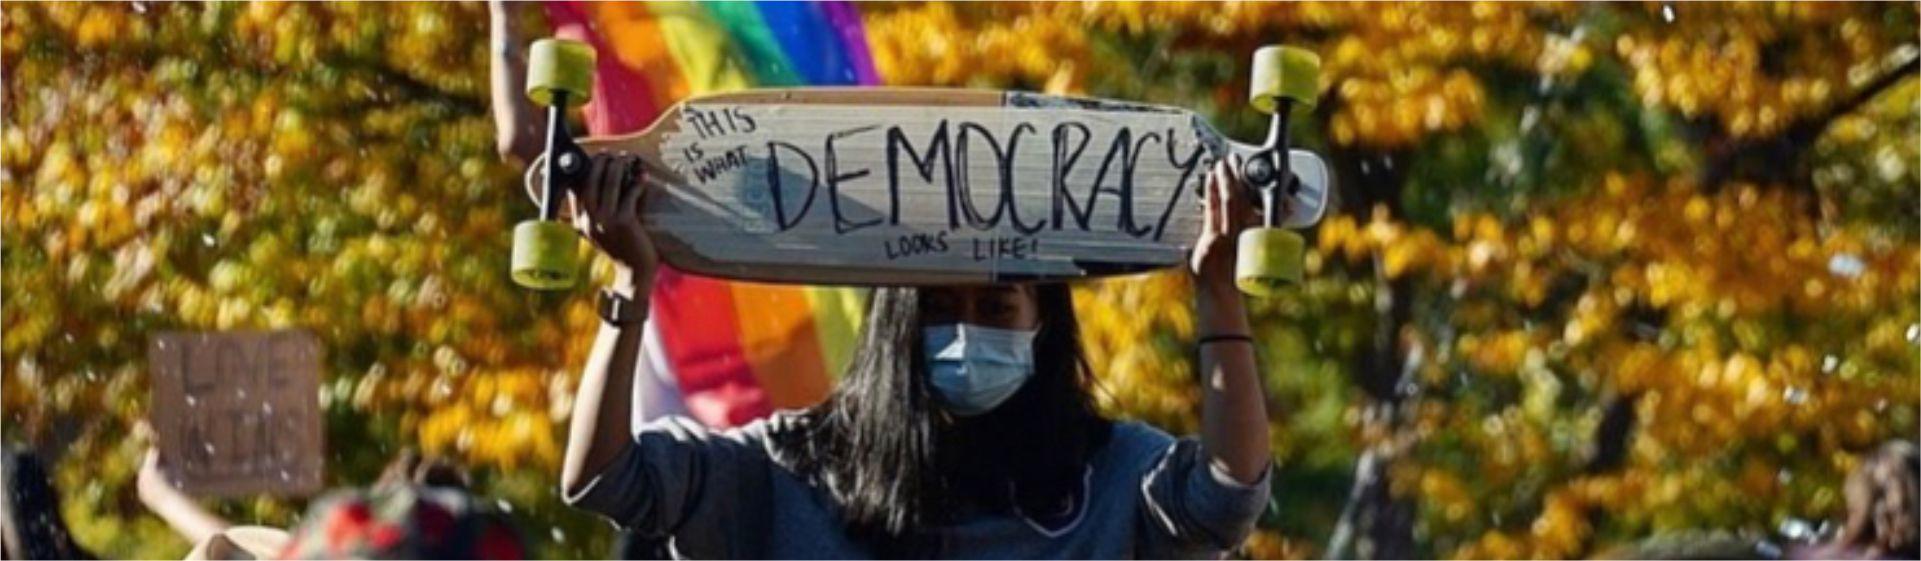 ¿Kamala Harris: un nuevo icono de esperanza para las luchas feministas y anti-raciales? - Cider | Uniandes